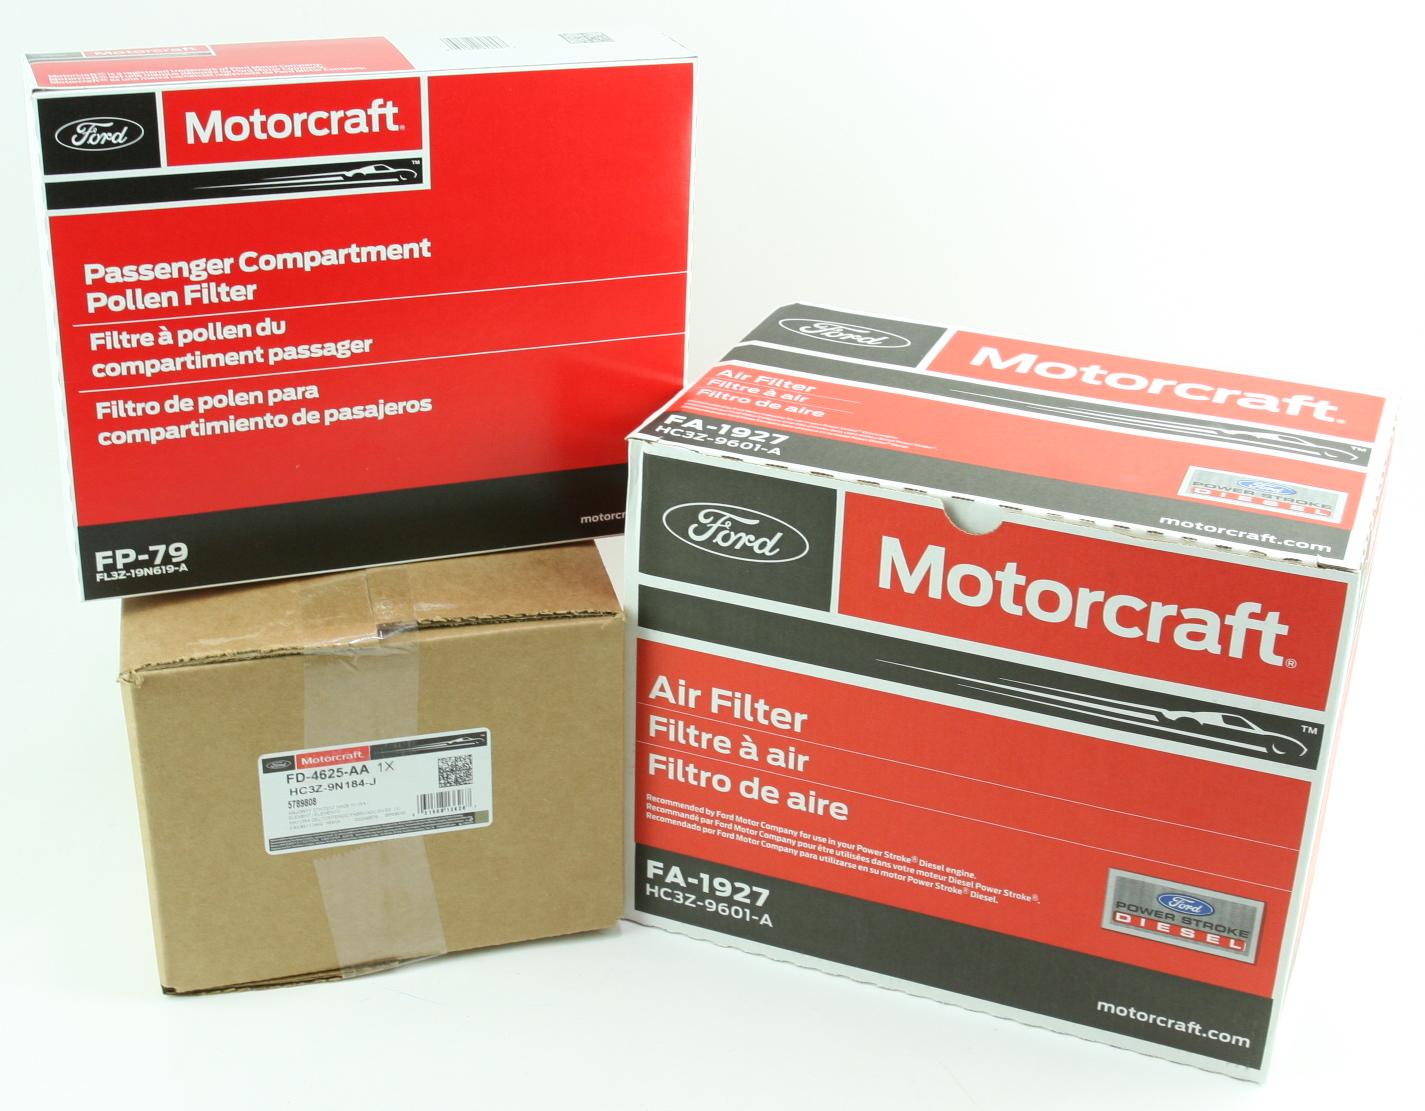 OEM Ford Diesel Engine & Cabin & Fuel Filter Kit Motorcraft FD4625 FA1927 FP79 - image 2